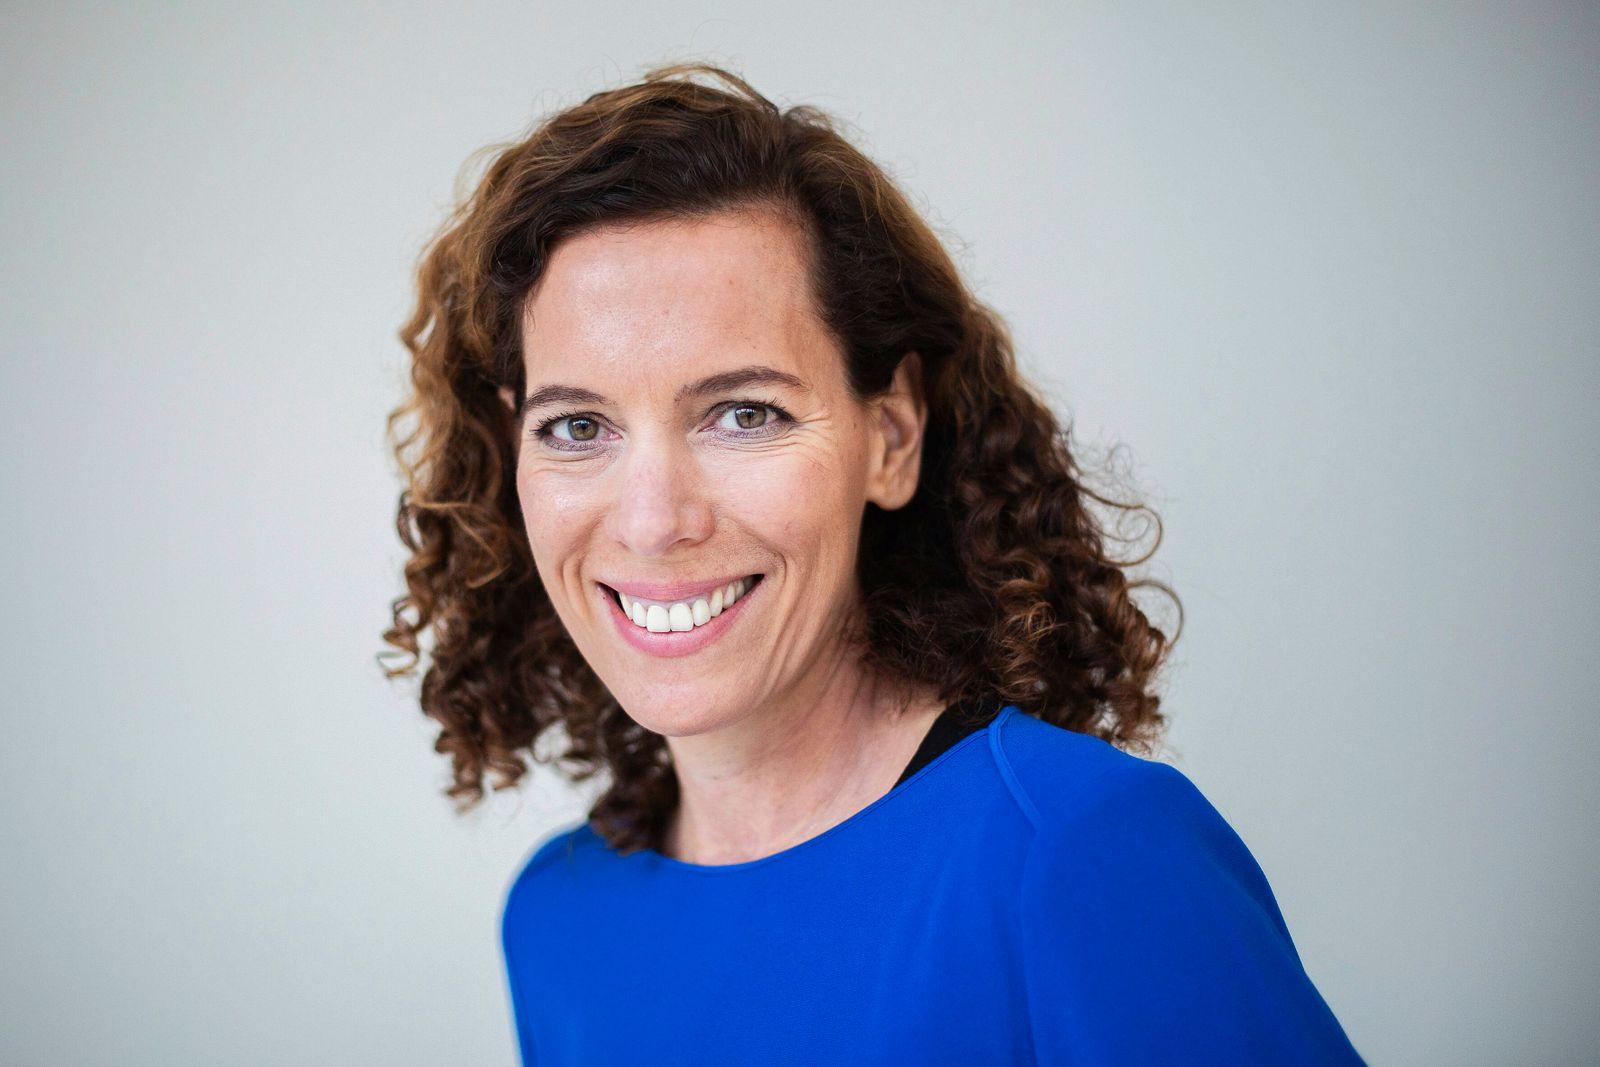 Miriam Wohlfarth, Geschäftsführung, RatePAY GmbH Franklinstr. 28-29 10587 Berlin *** Miriam Wohlfarth, Management, RateP